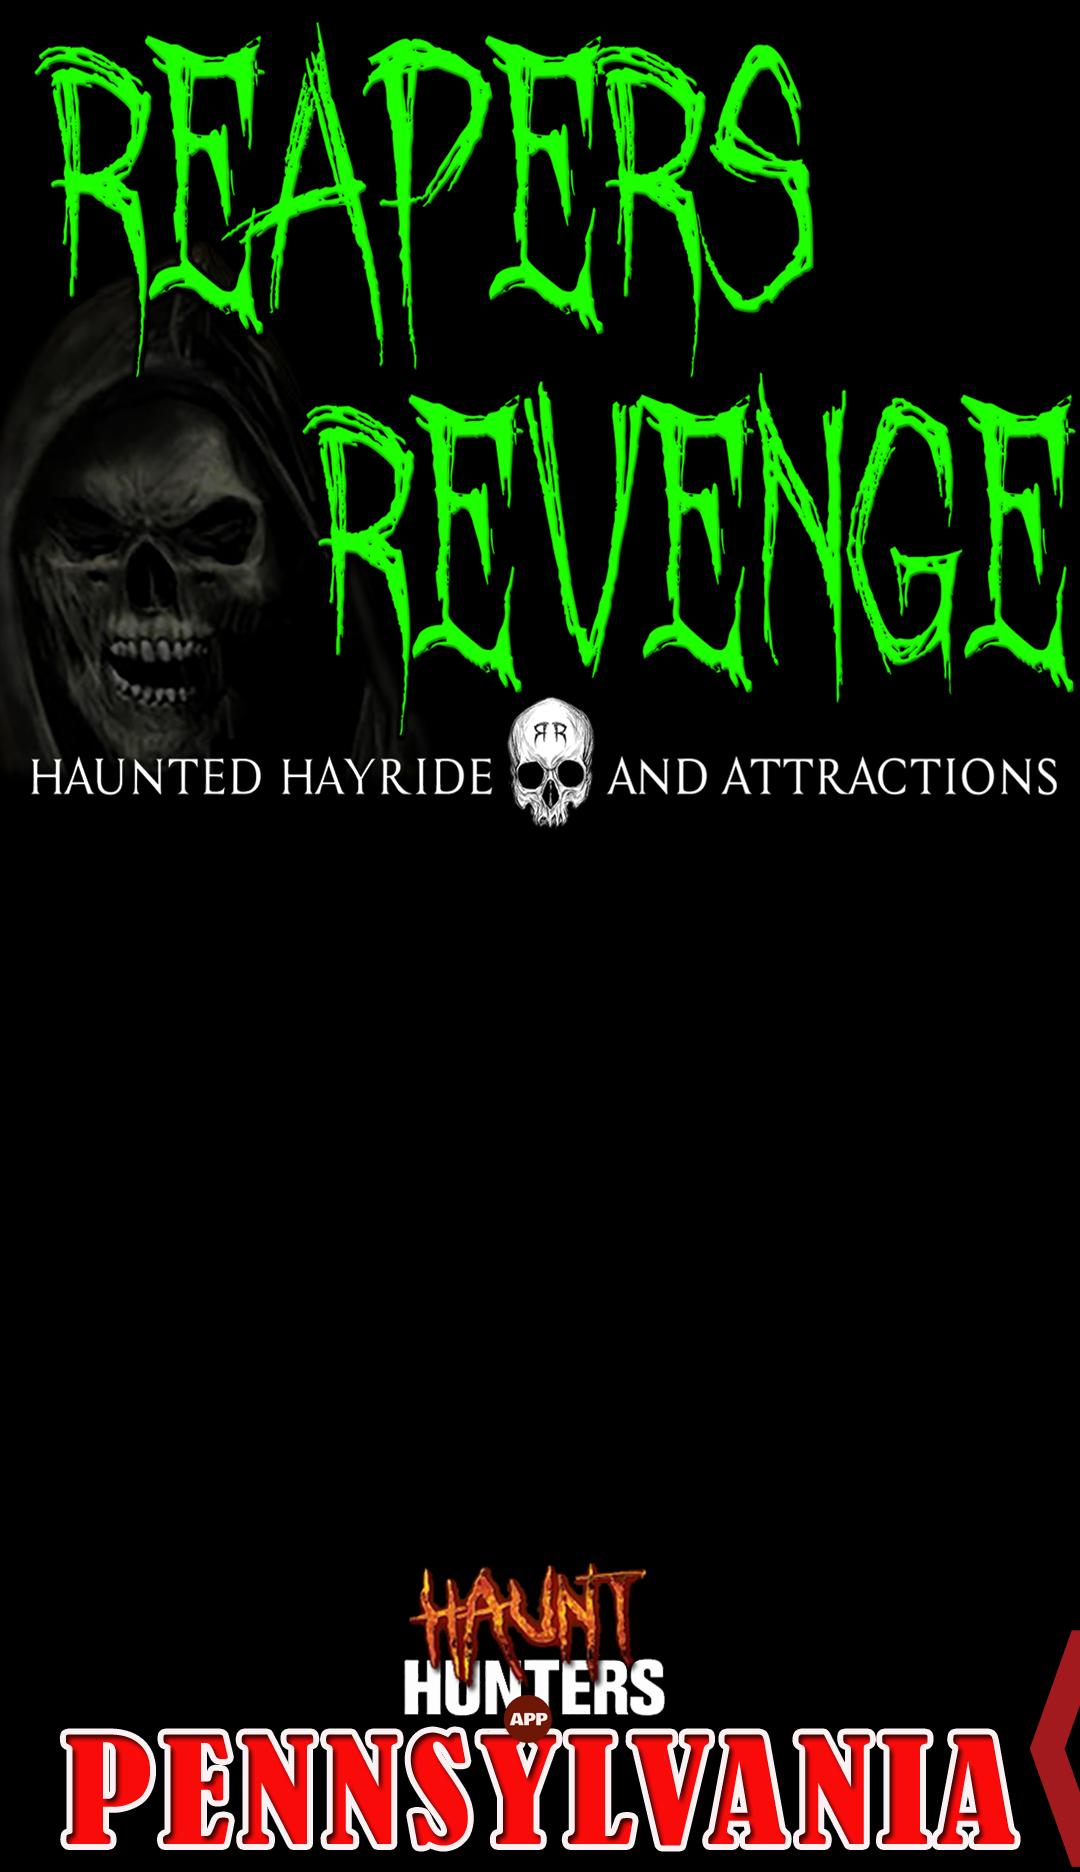 Reaper's Revenge 2020